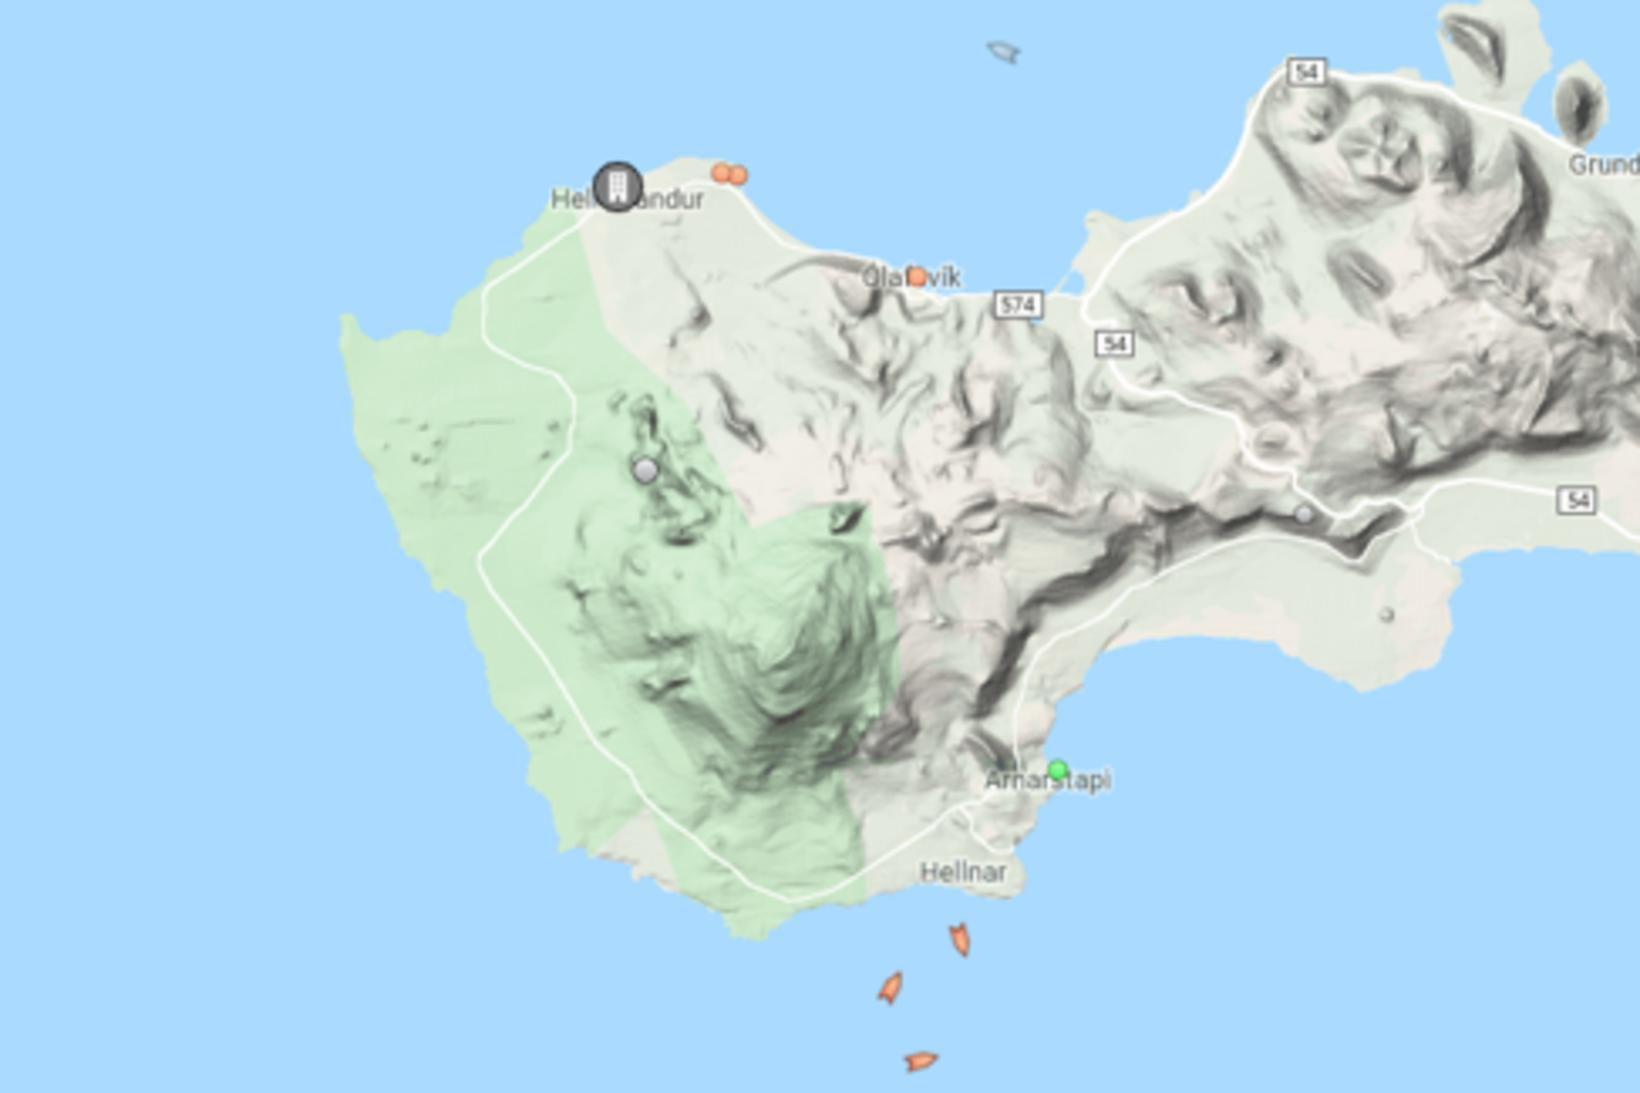 Þrír togarar eru sunnan við Snæfellsjökul þessa stundina.